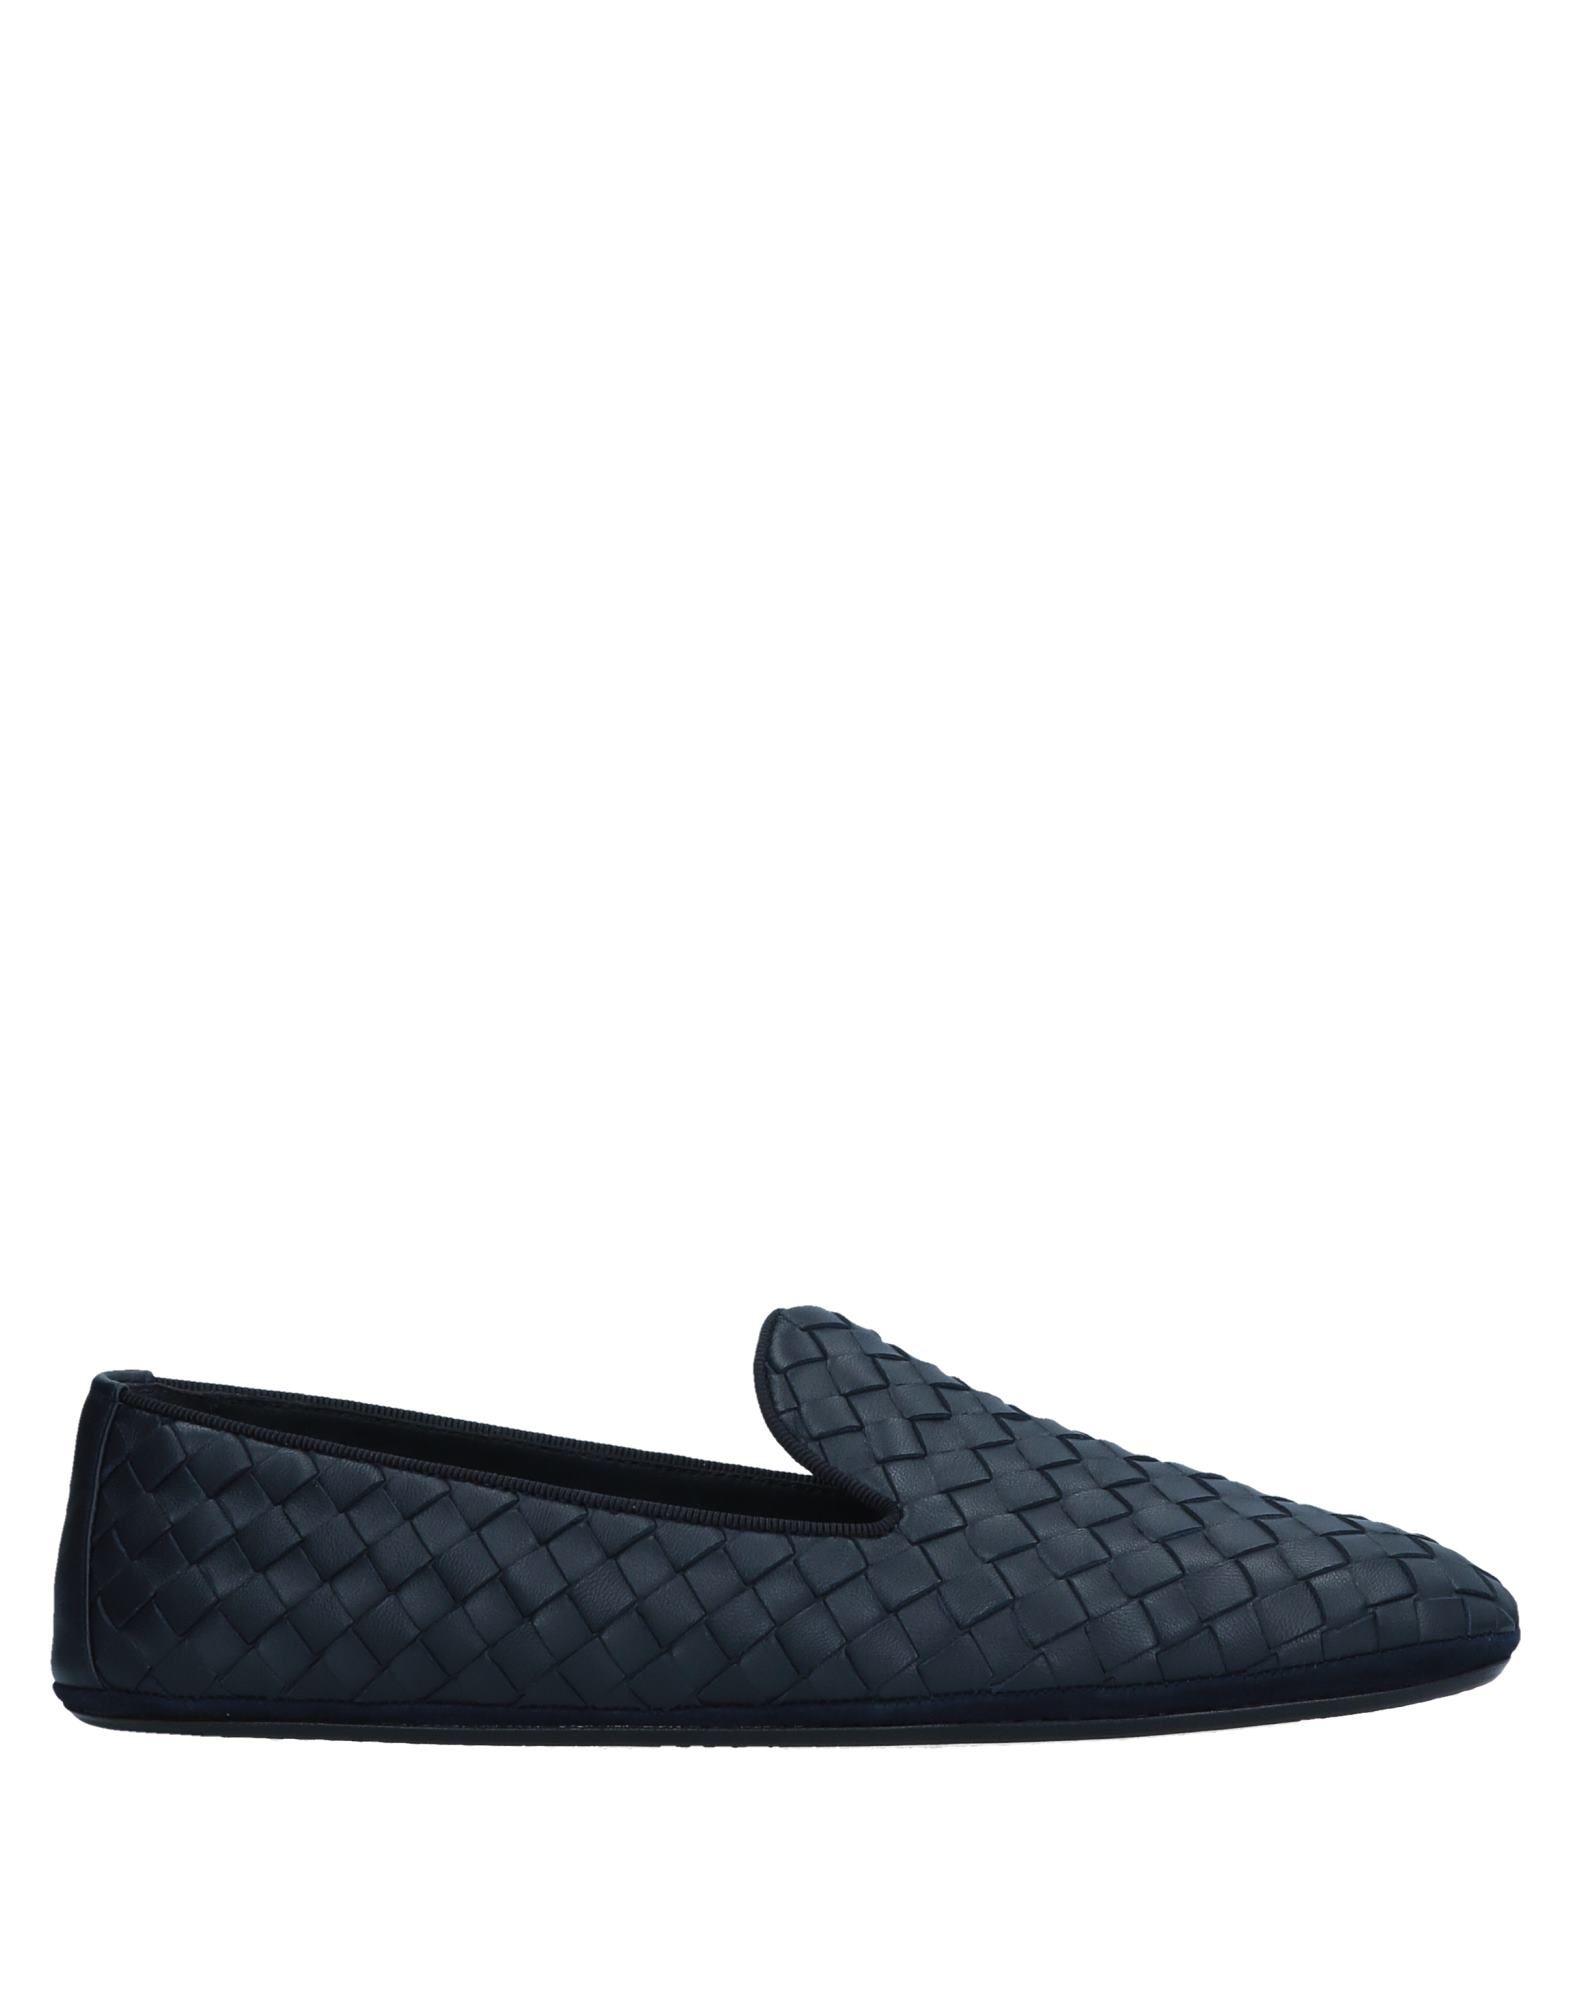 Bottega Veneta Mokassins Damen Schuhe  11289854VEGünstige gut aussehende Schuhe Damen 52ea4f